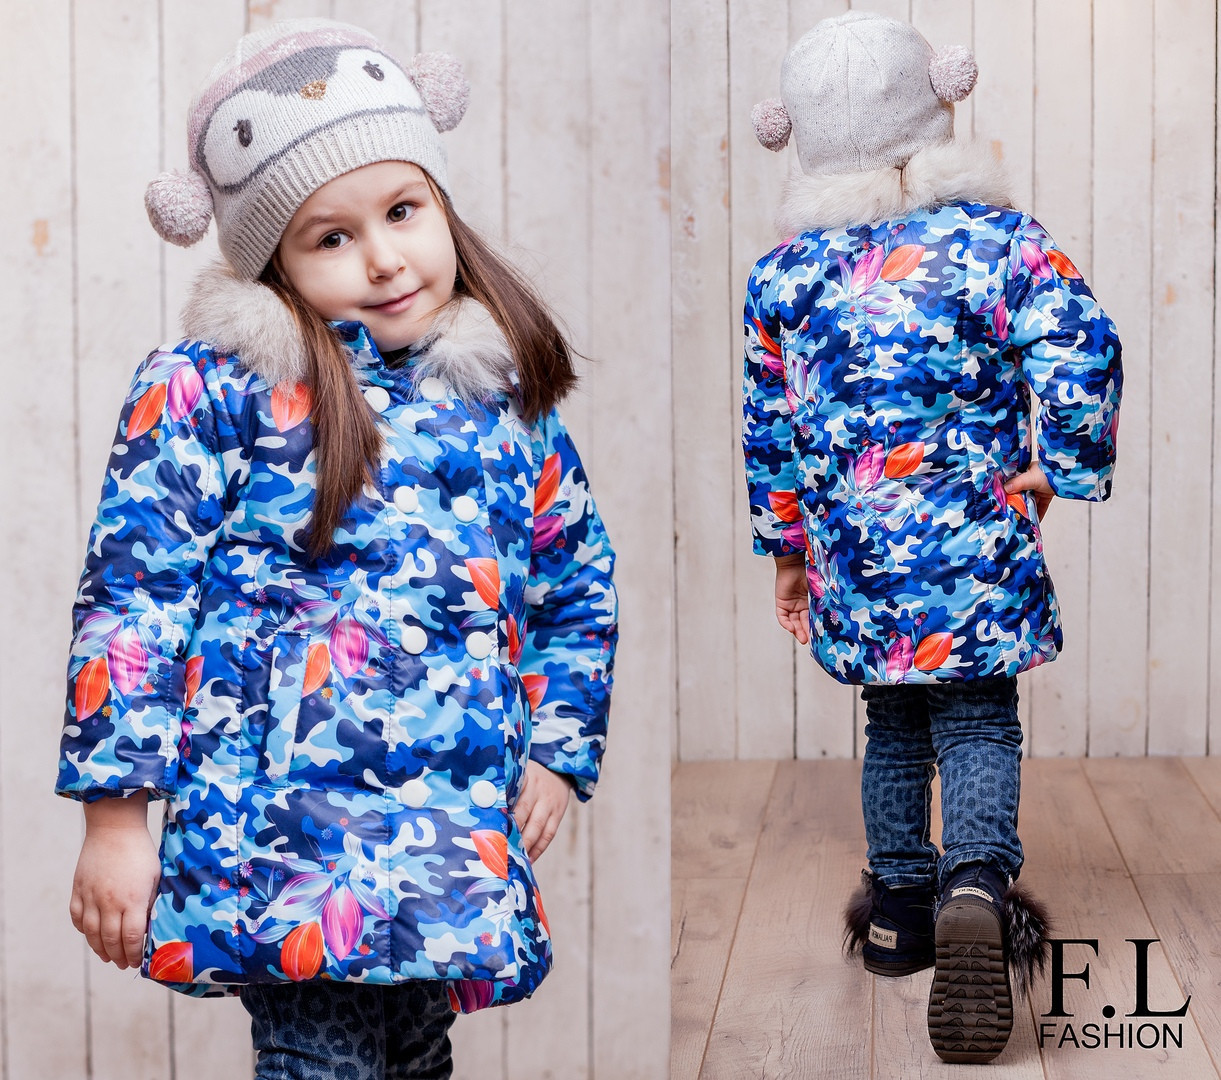 Детская куртка весна/осень на синтипоне 150 +натур.мех 98-122рост(3расцв.)